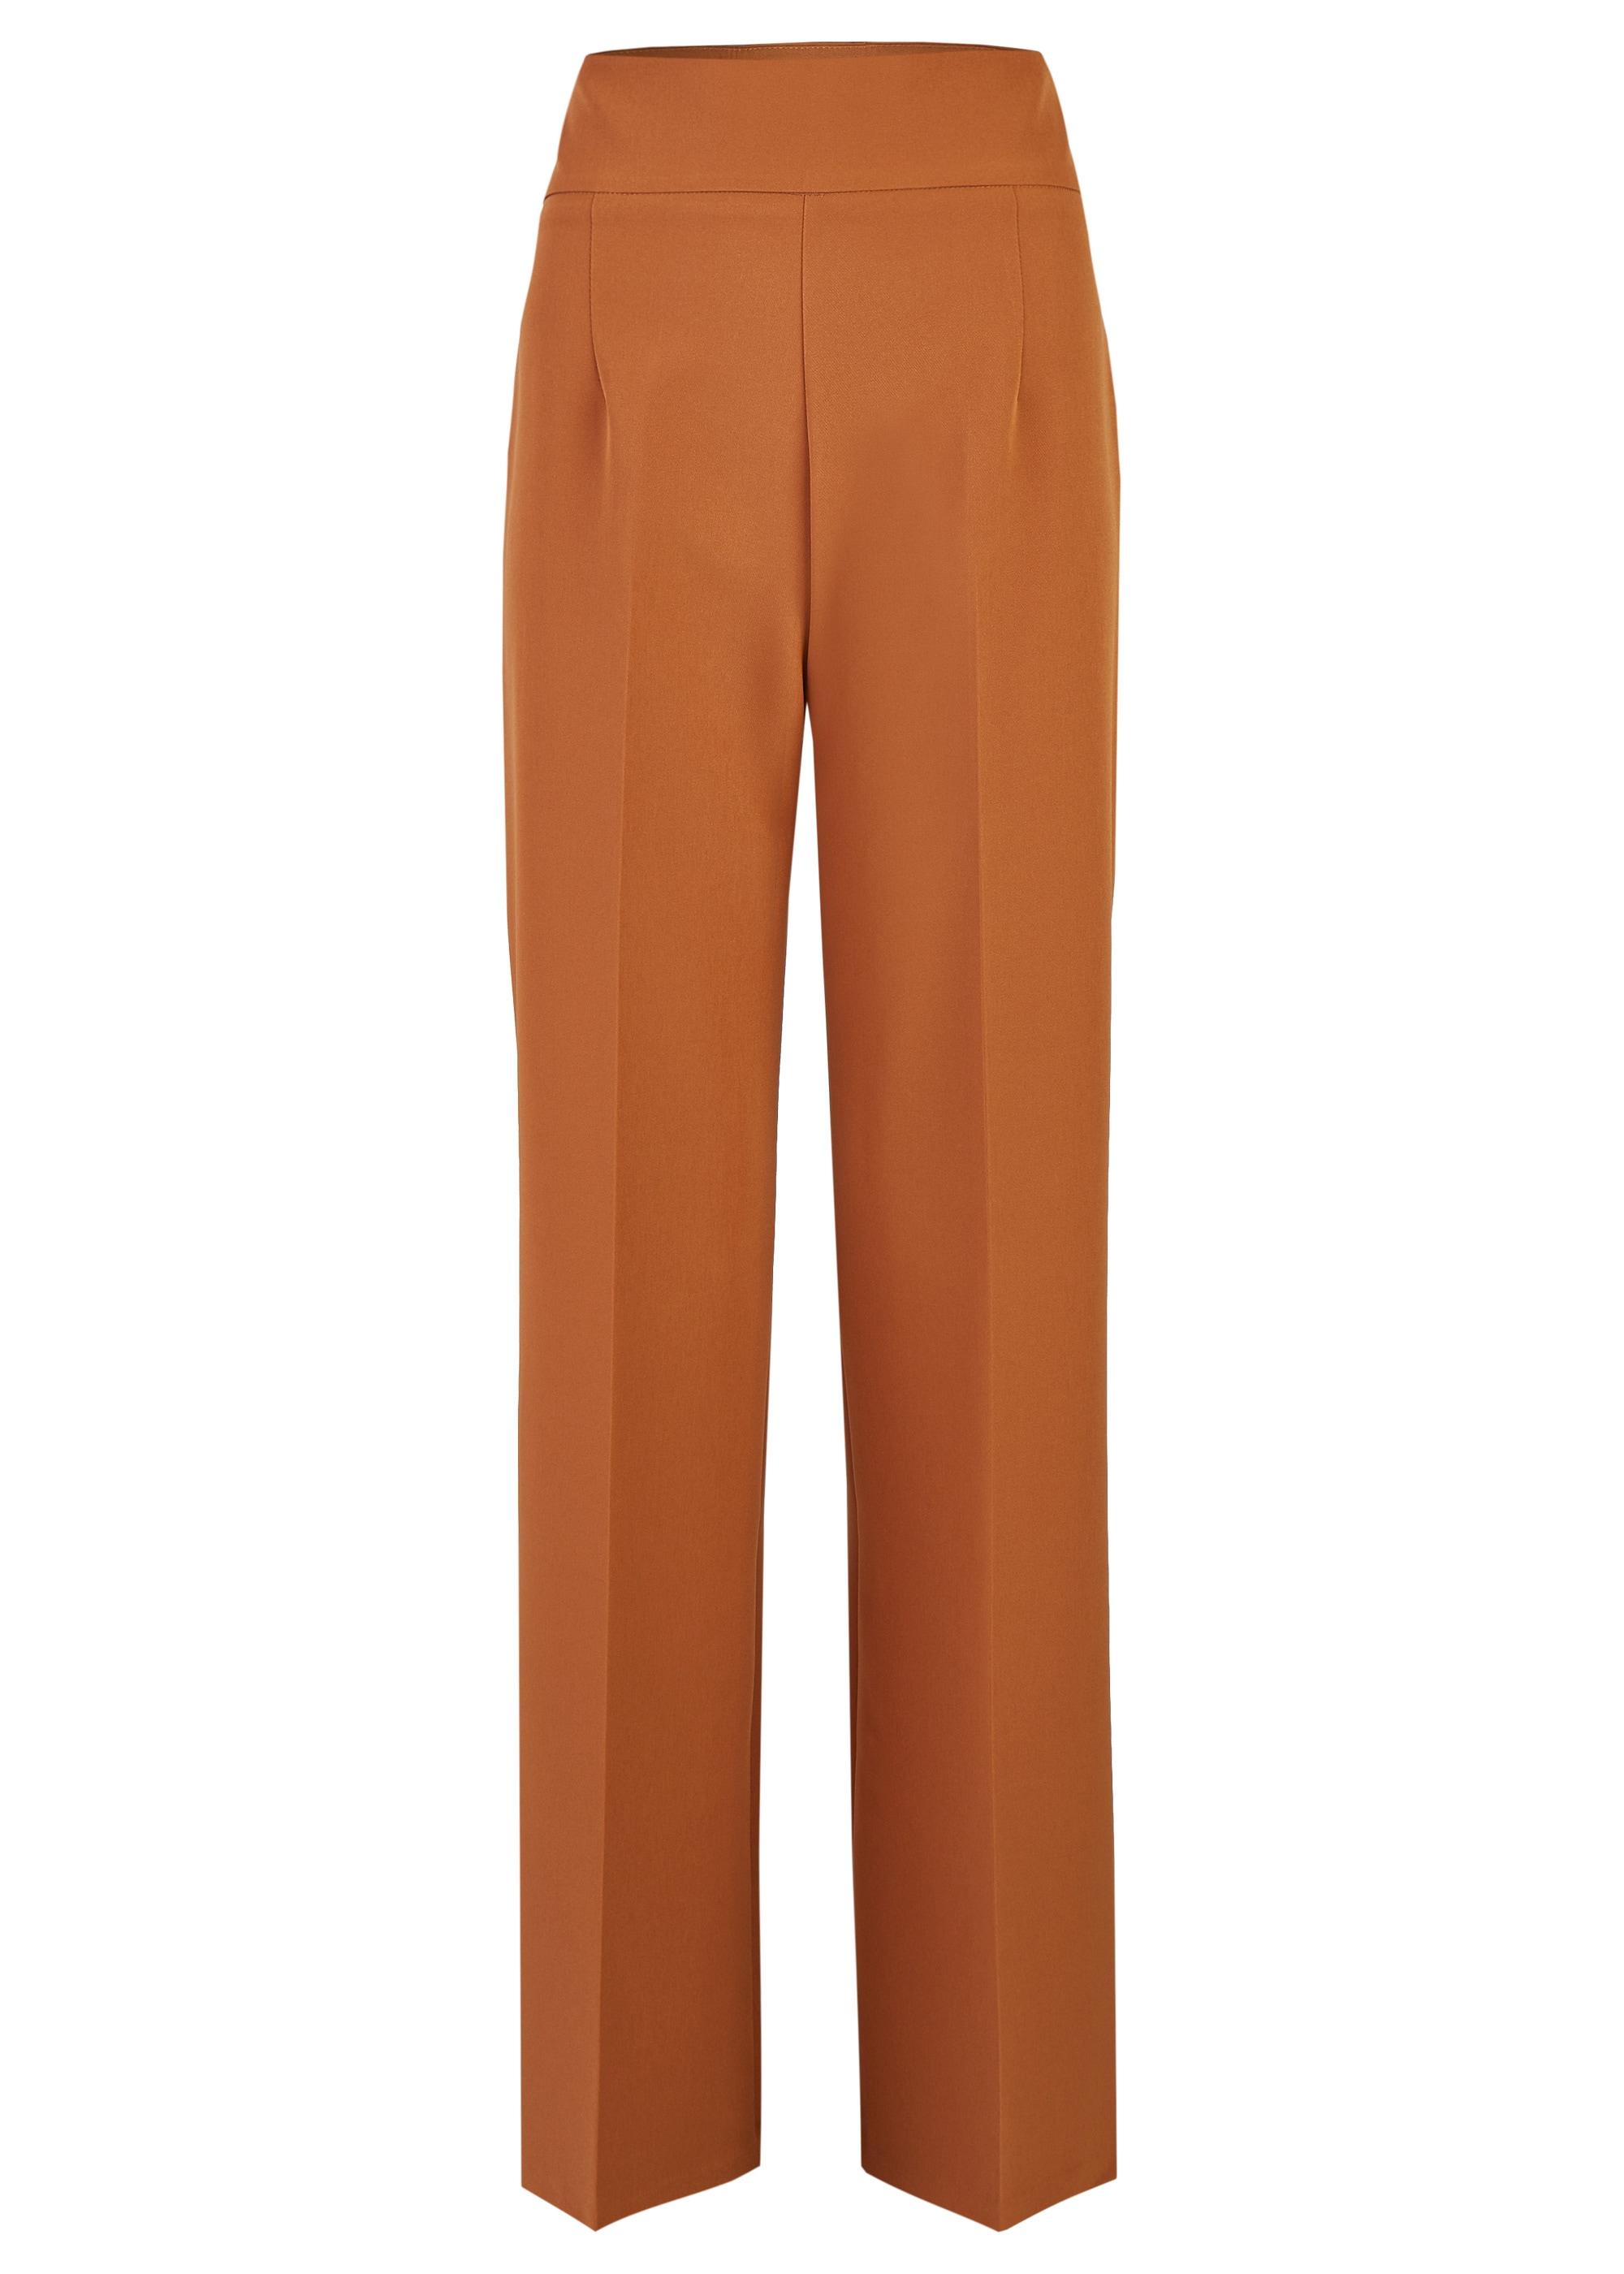 Nicowa Weite Hose mit unifarbenem Design - COREANA | Bekleidung > Hosen > Weite Hosen | Nicowa